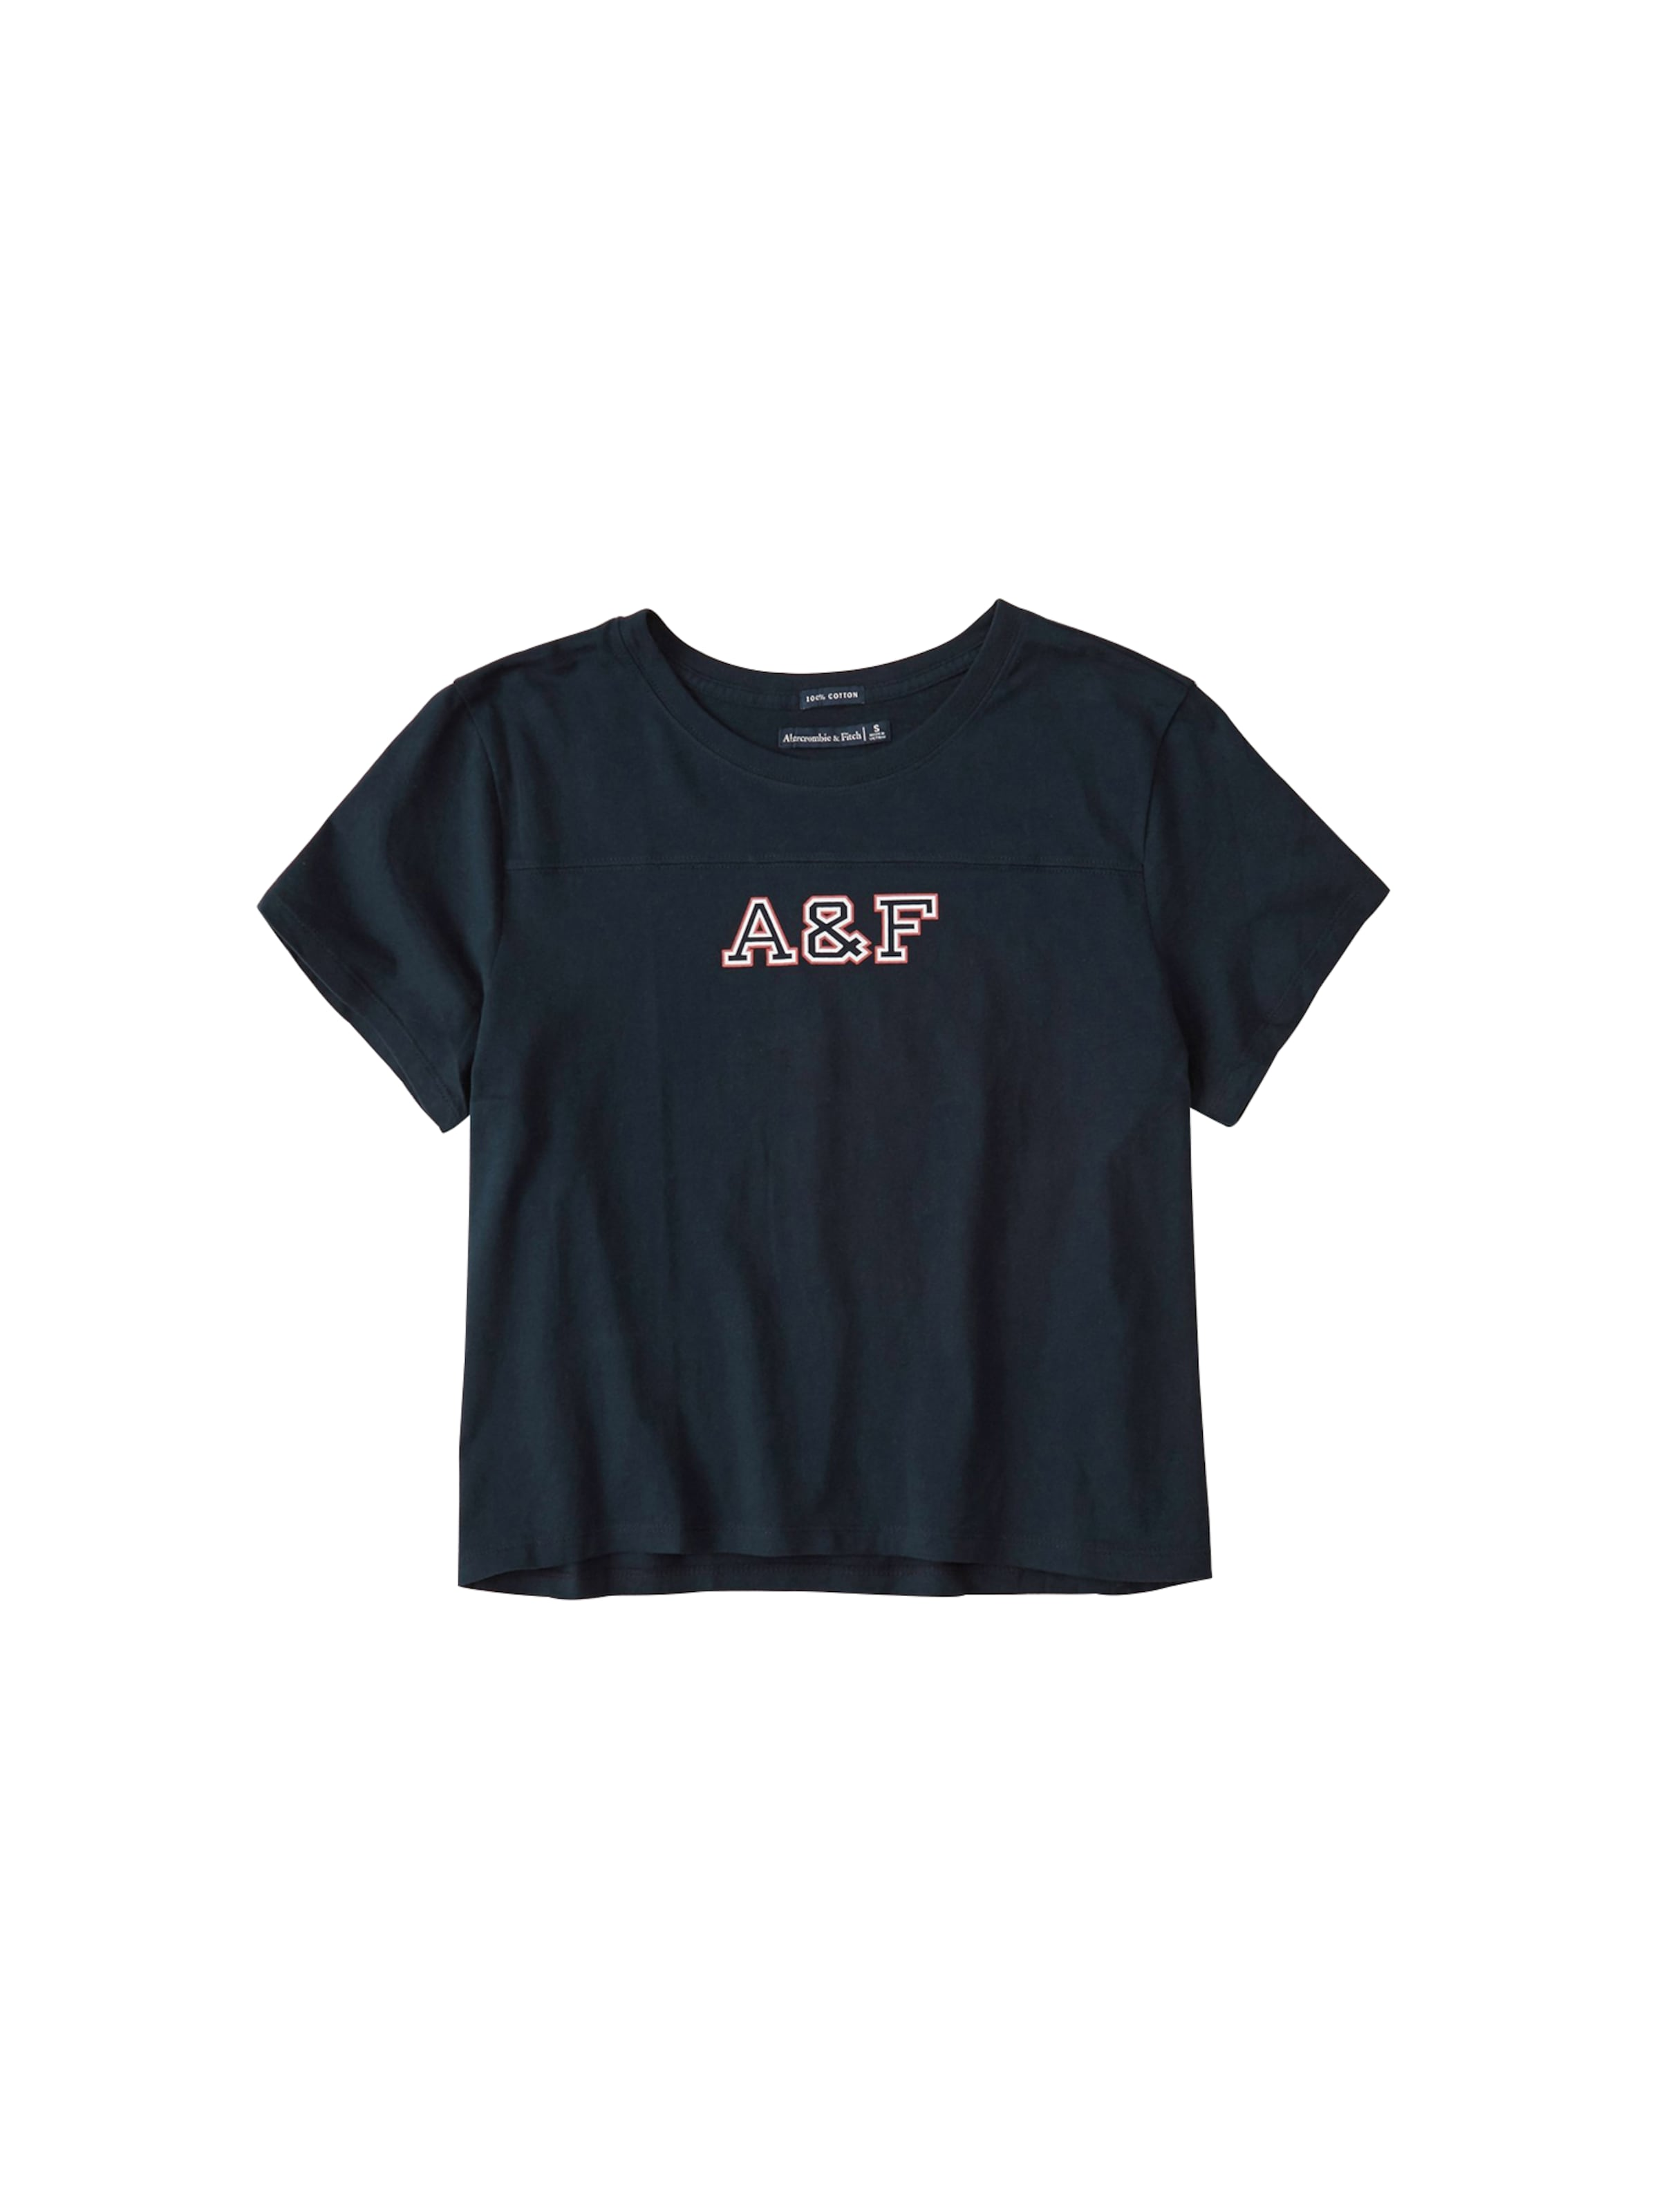 En ss Fitch Bleu Marine Logo shirt 'sb19 Opp T Tee' Abercrombieamp; OX8k0wnP